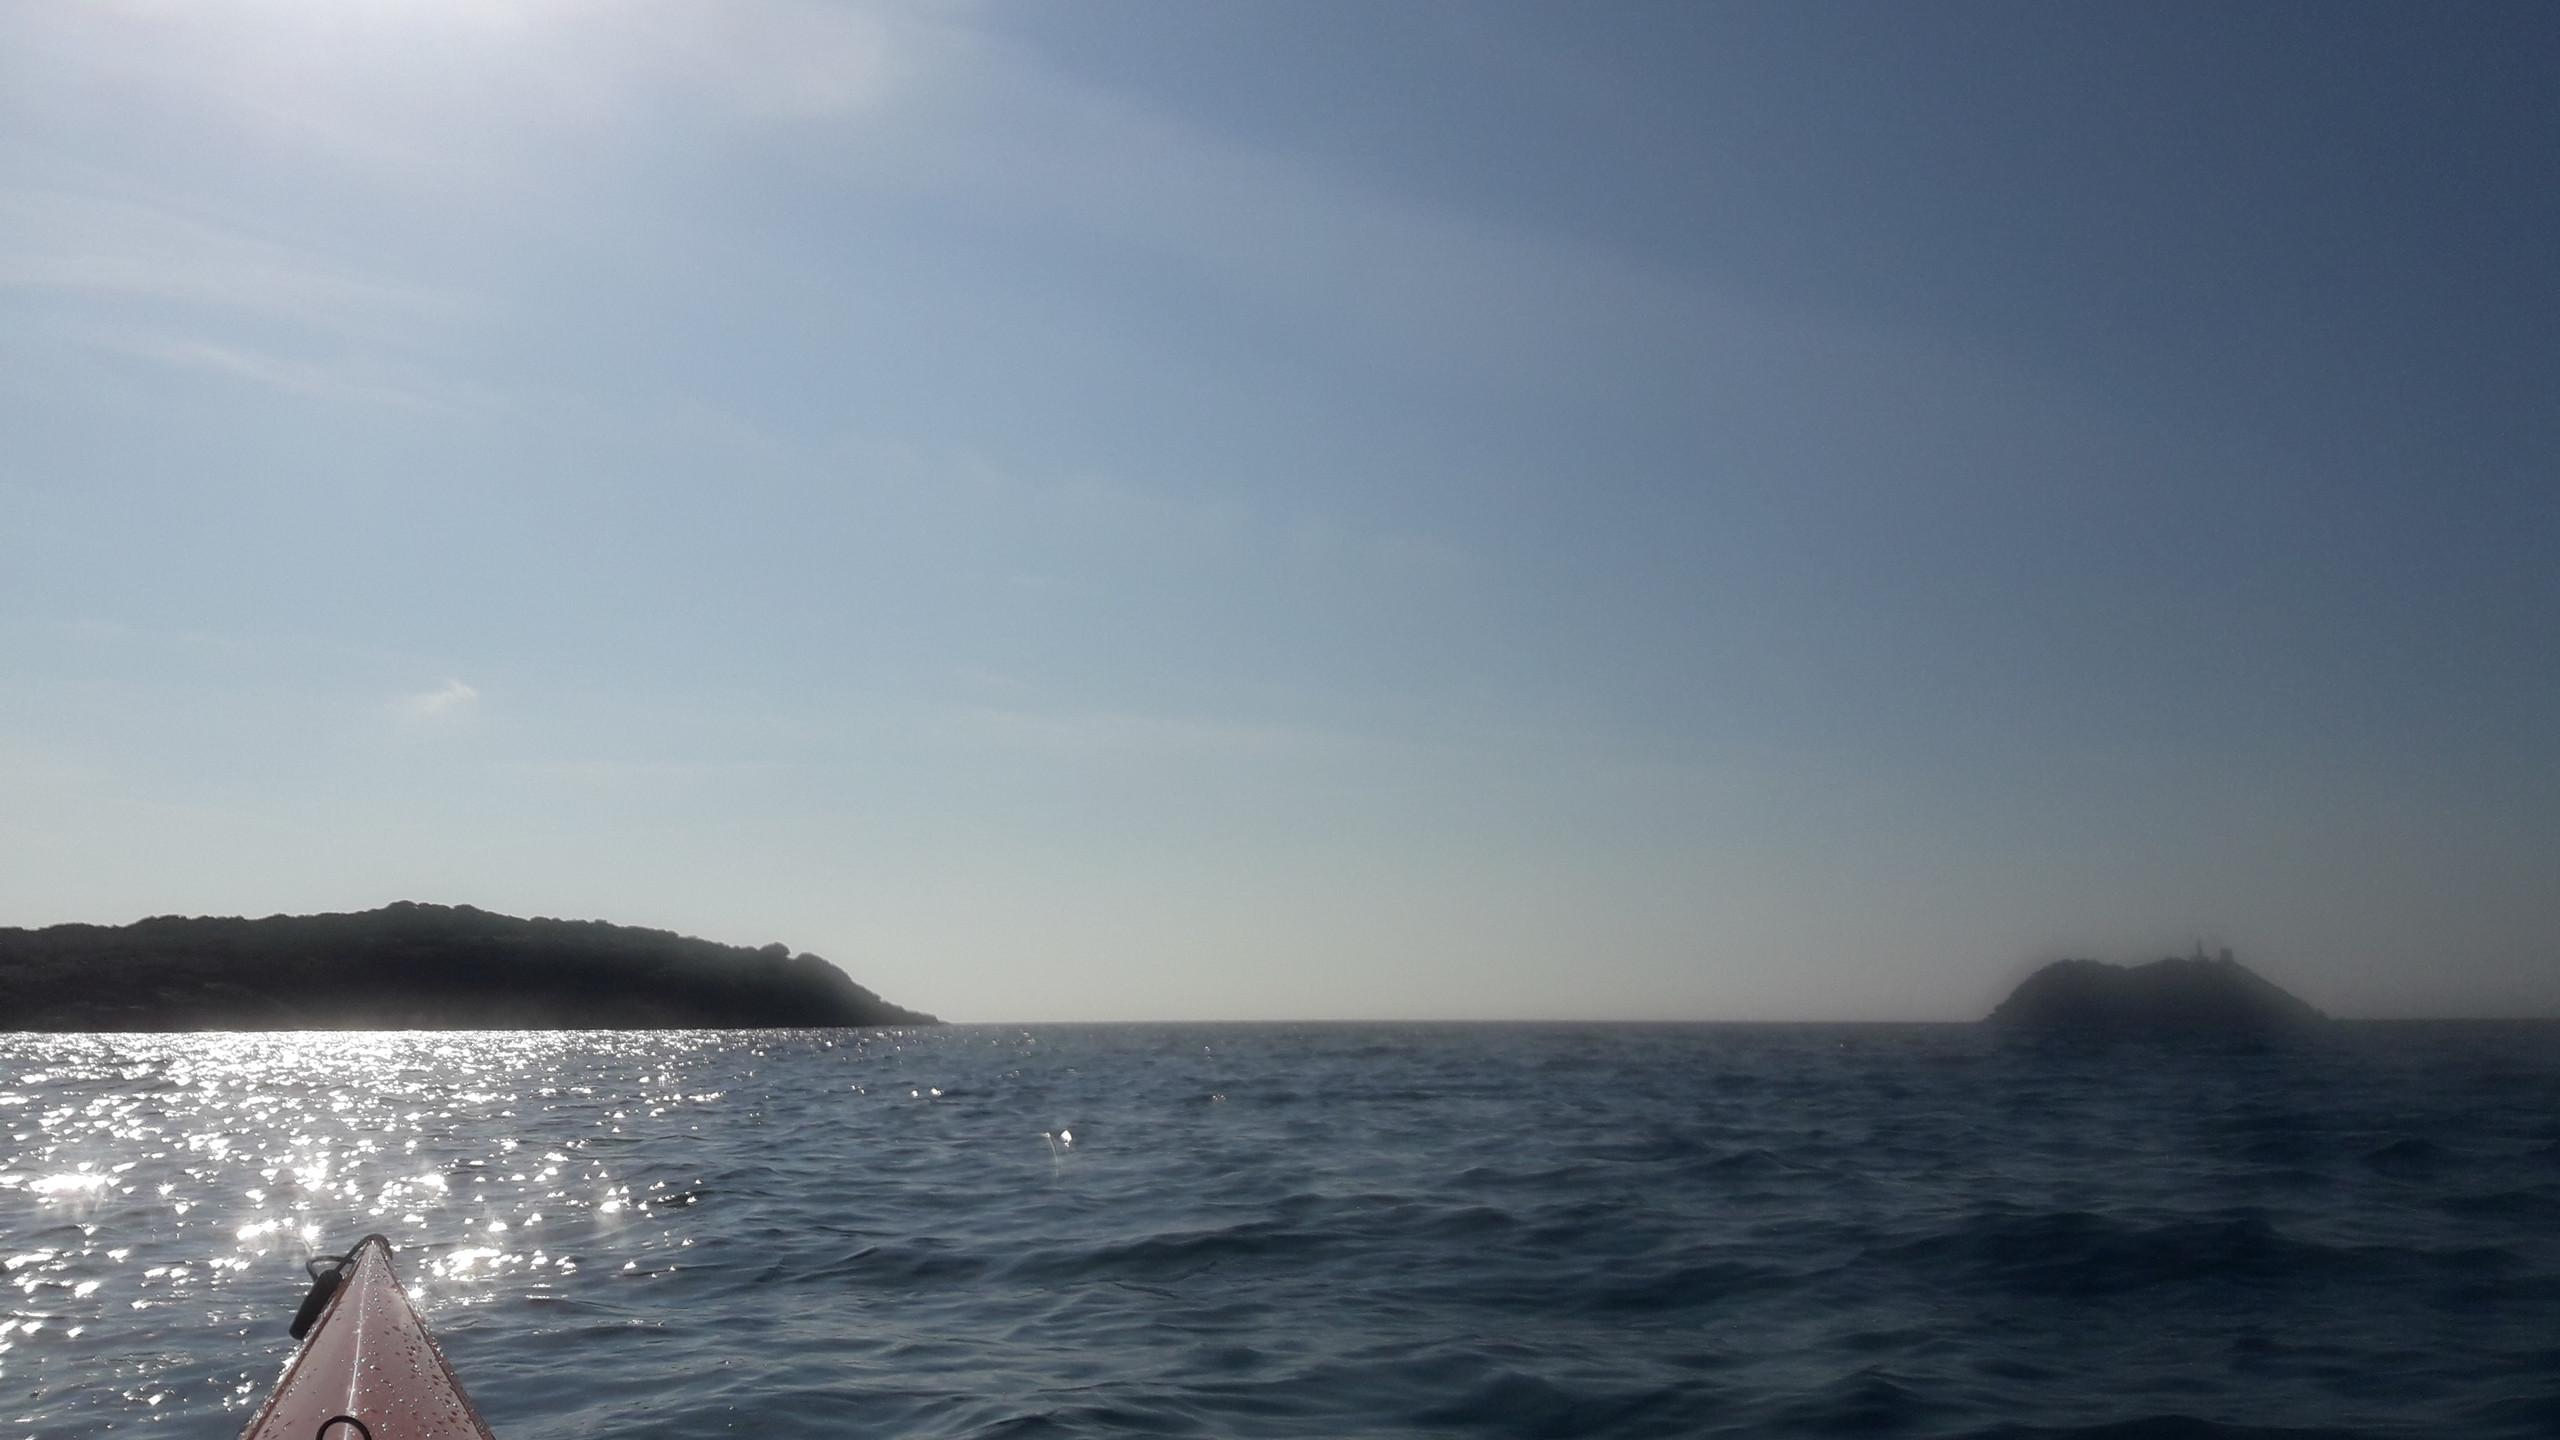 On the north coast